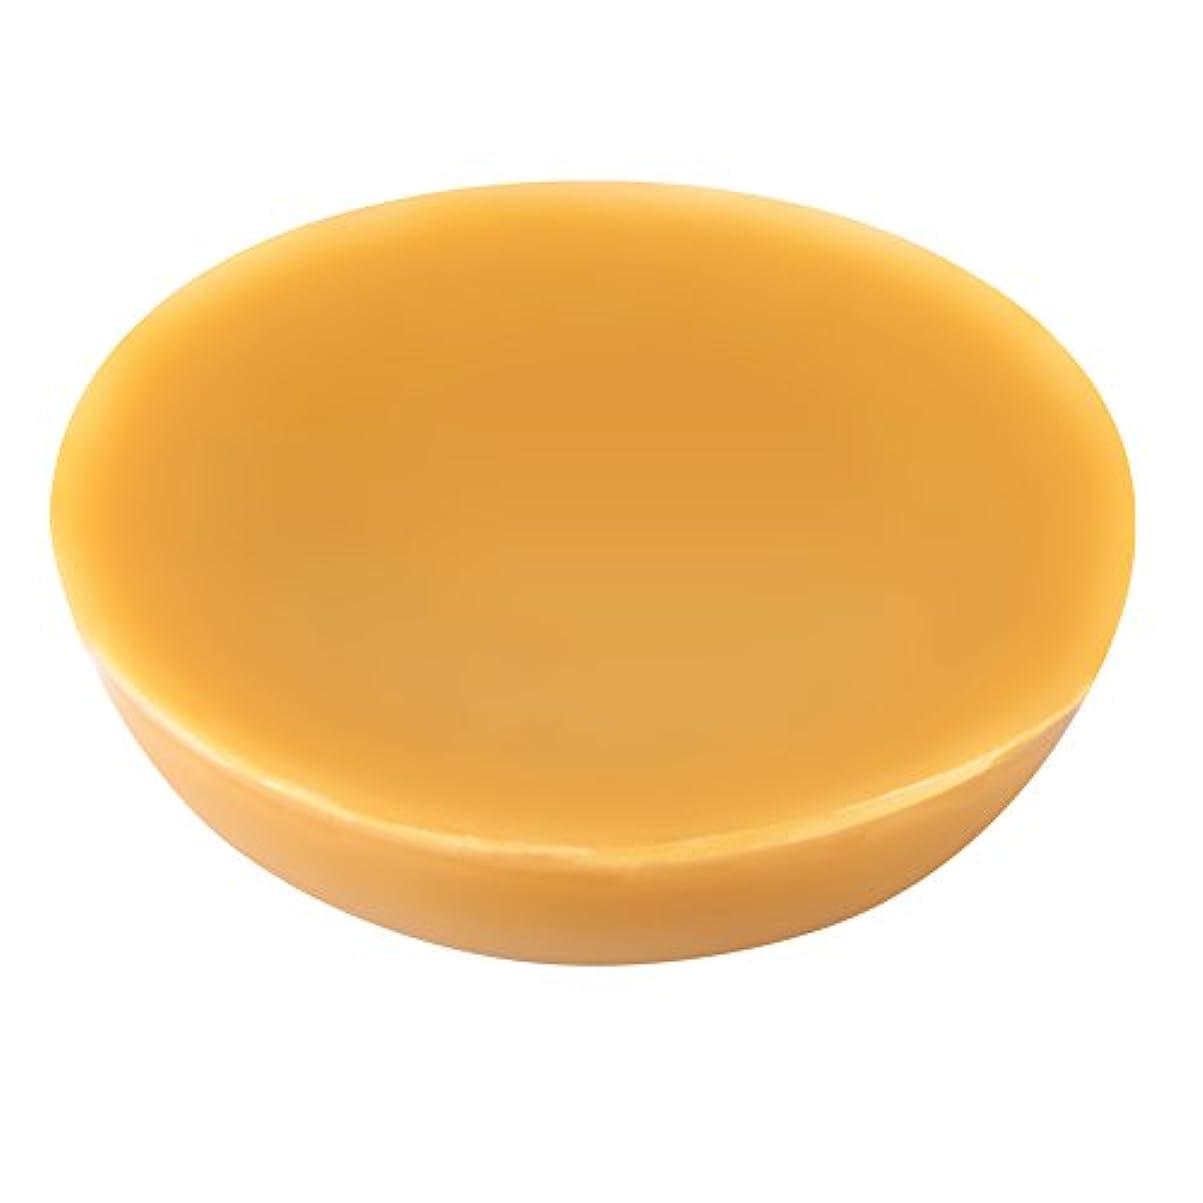 柱人道的最悪自然な蜜蝋、石鹸の化粧品の口紅のための食品等級の自然で純粋な蜂のワックス